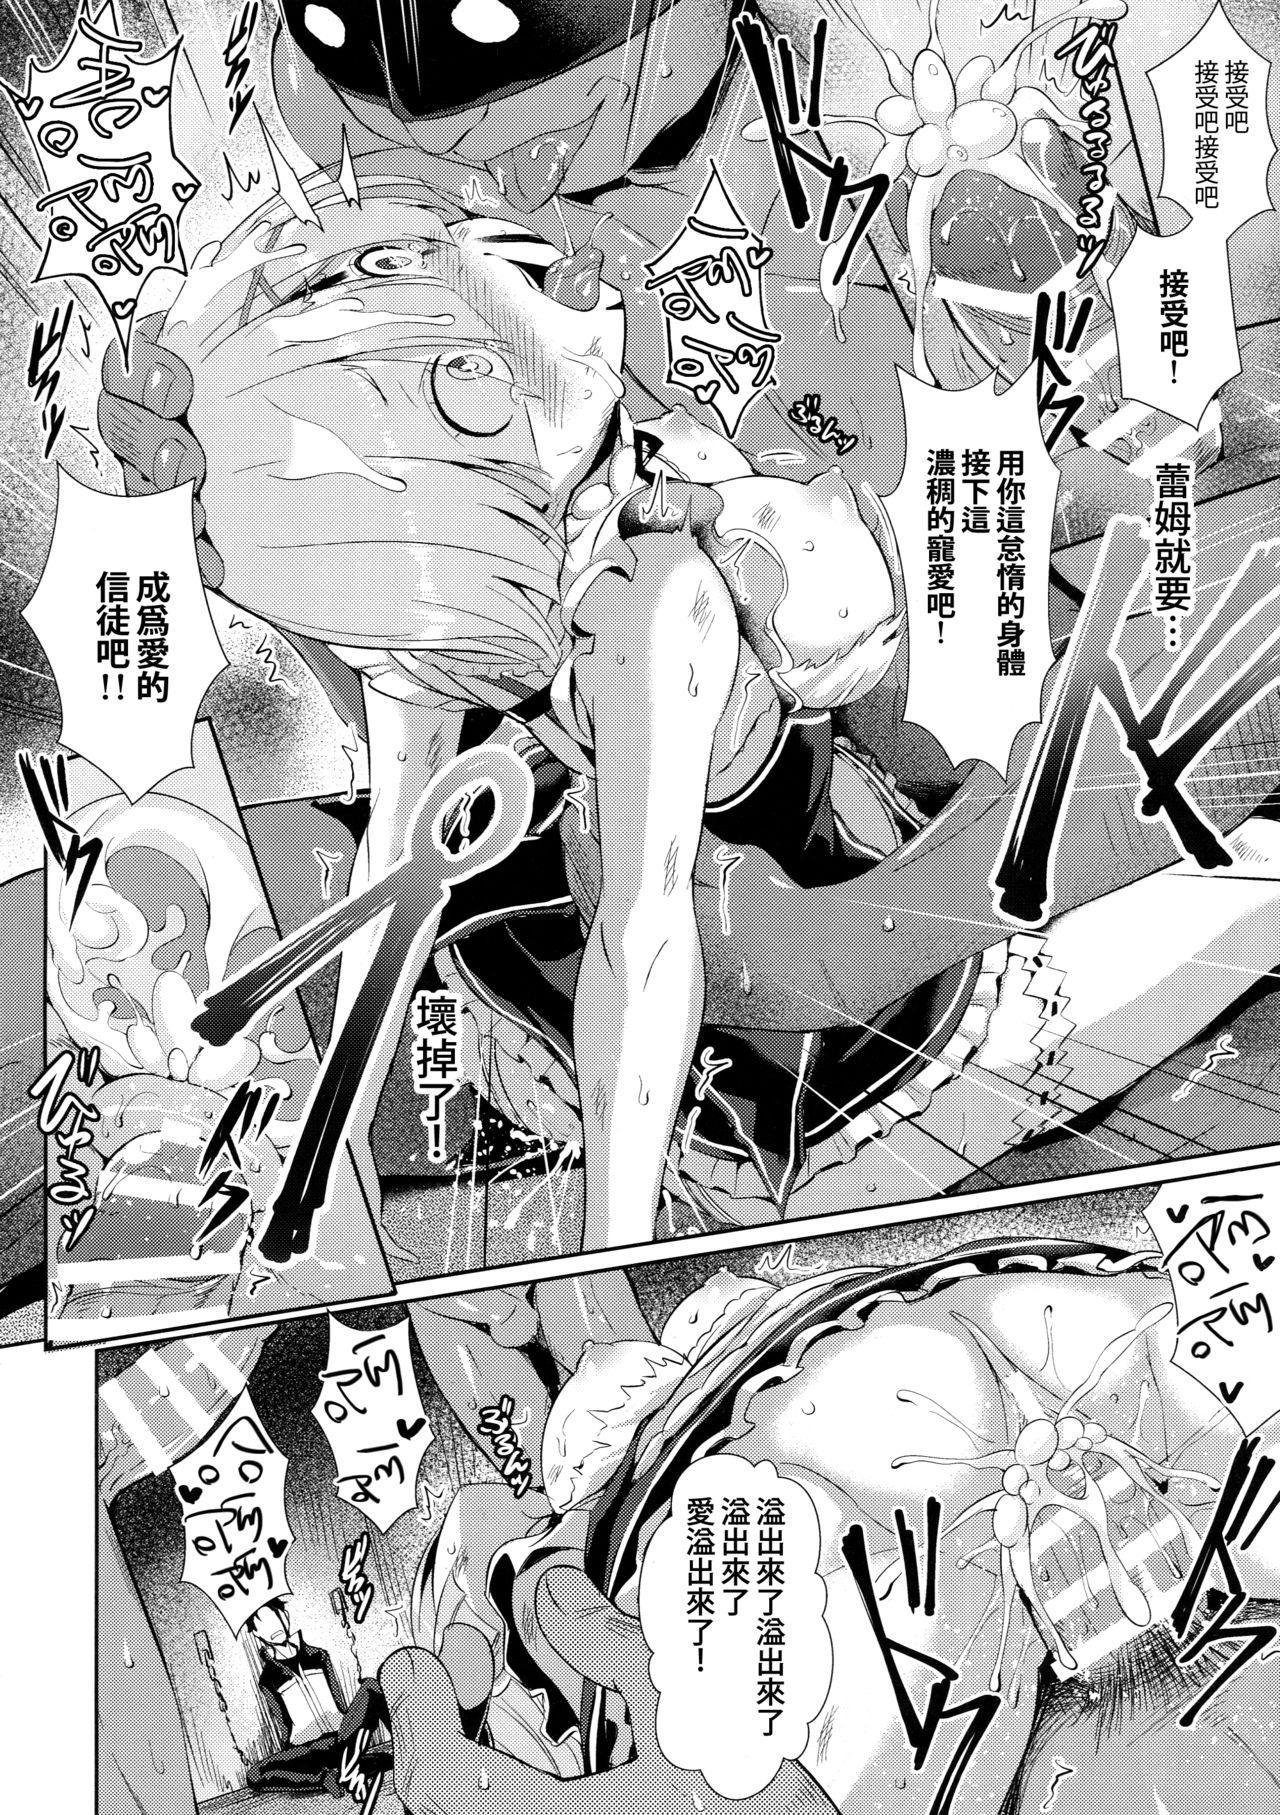 (C91) [Once Only (Nekoi Hikaru)] Rem Kara (Re:Zero kara Hajimeru Isekai Seikatsu) [Chinese] [无毒汉化组] 16